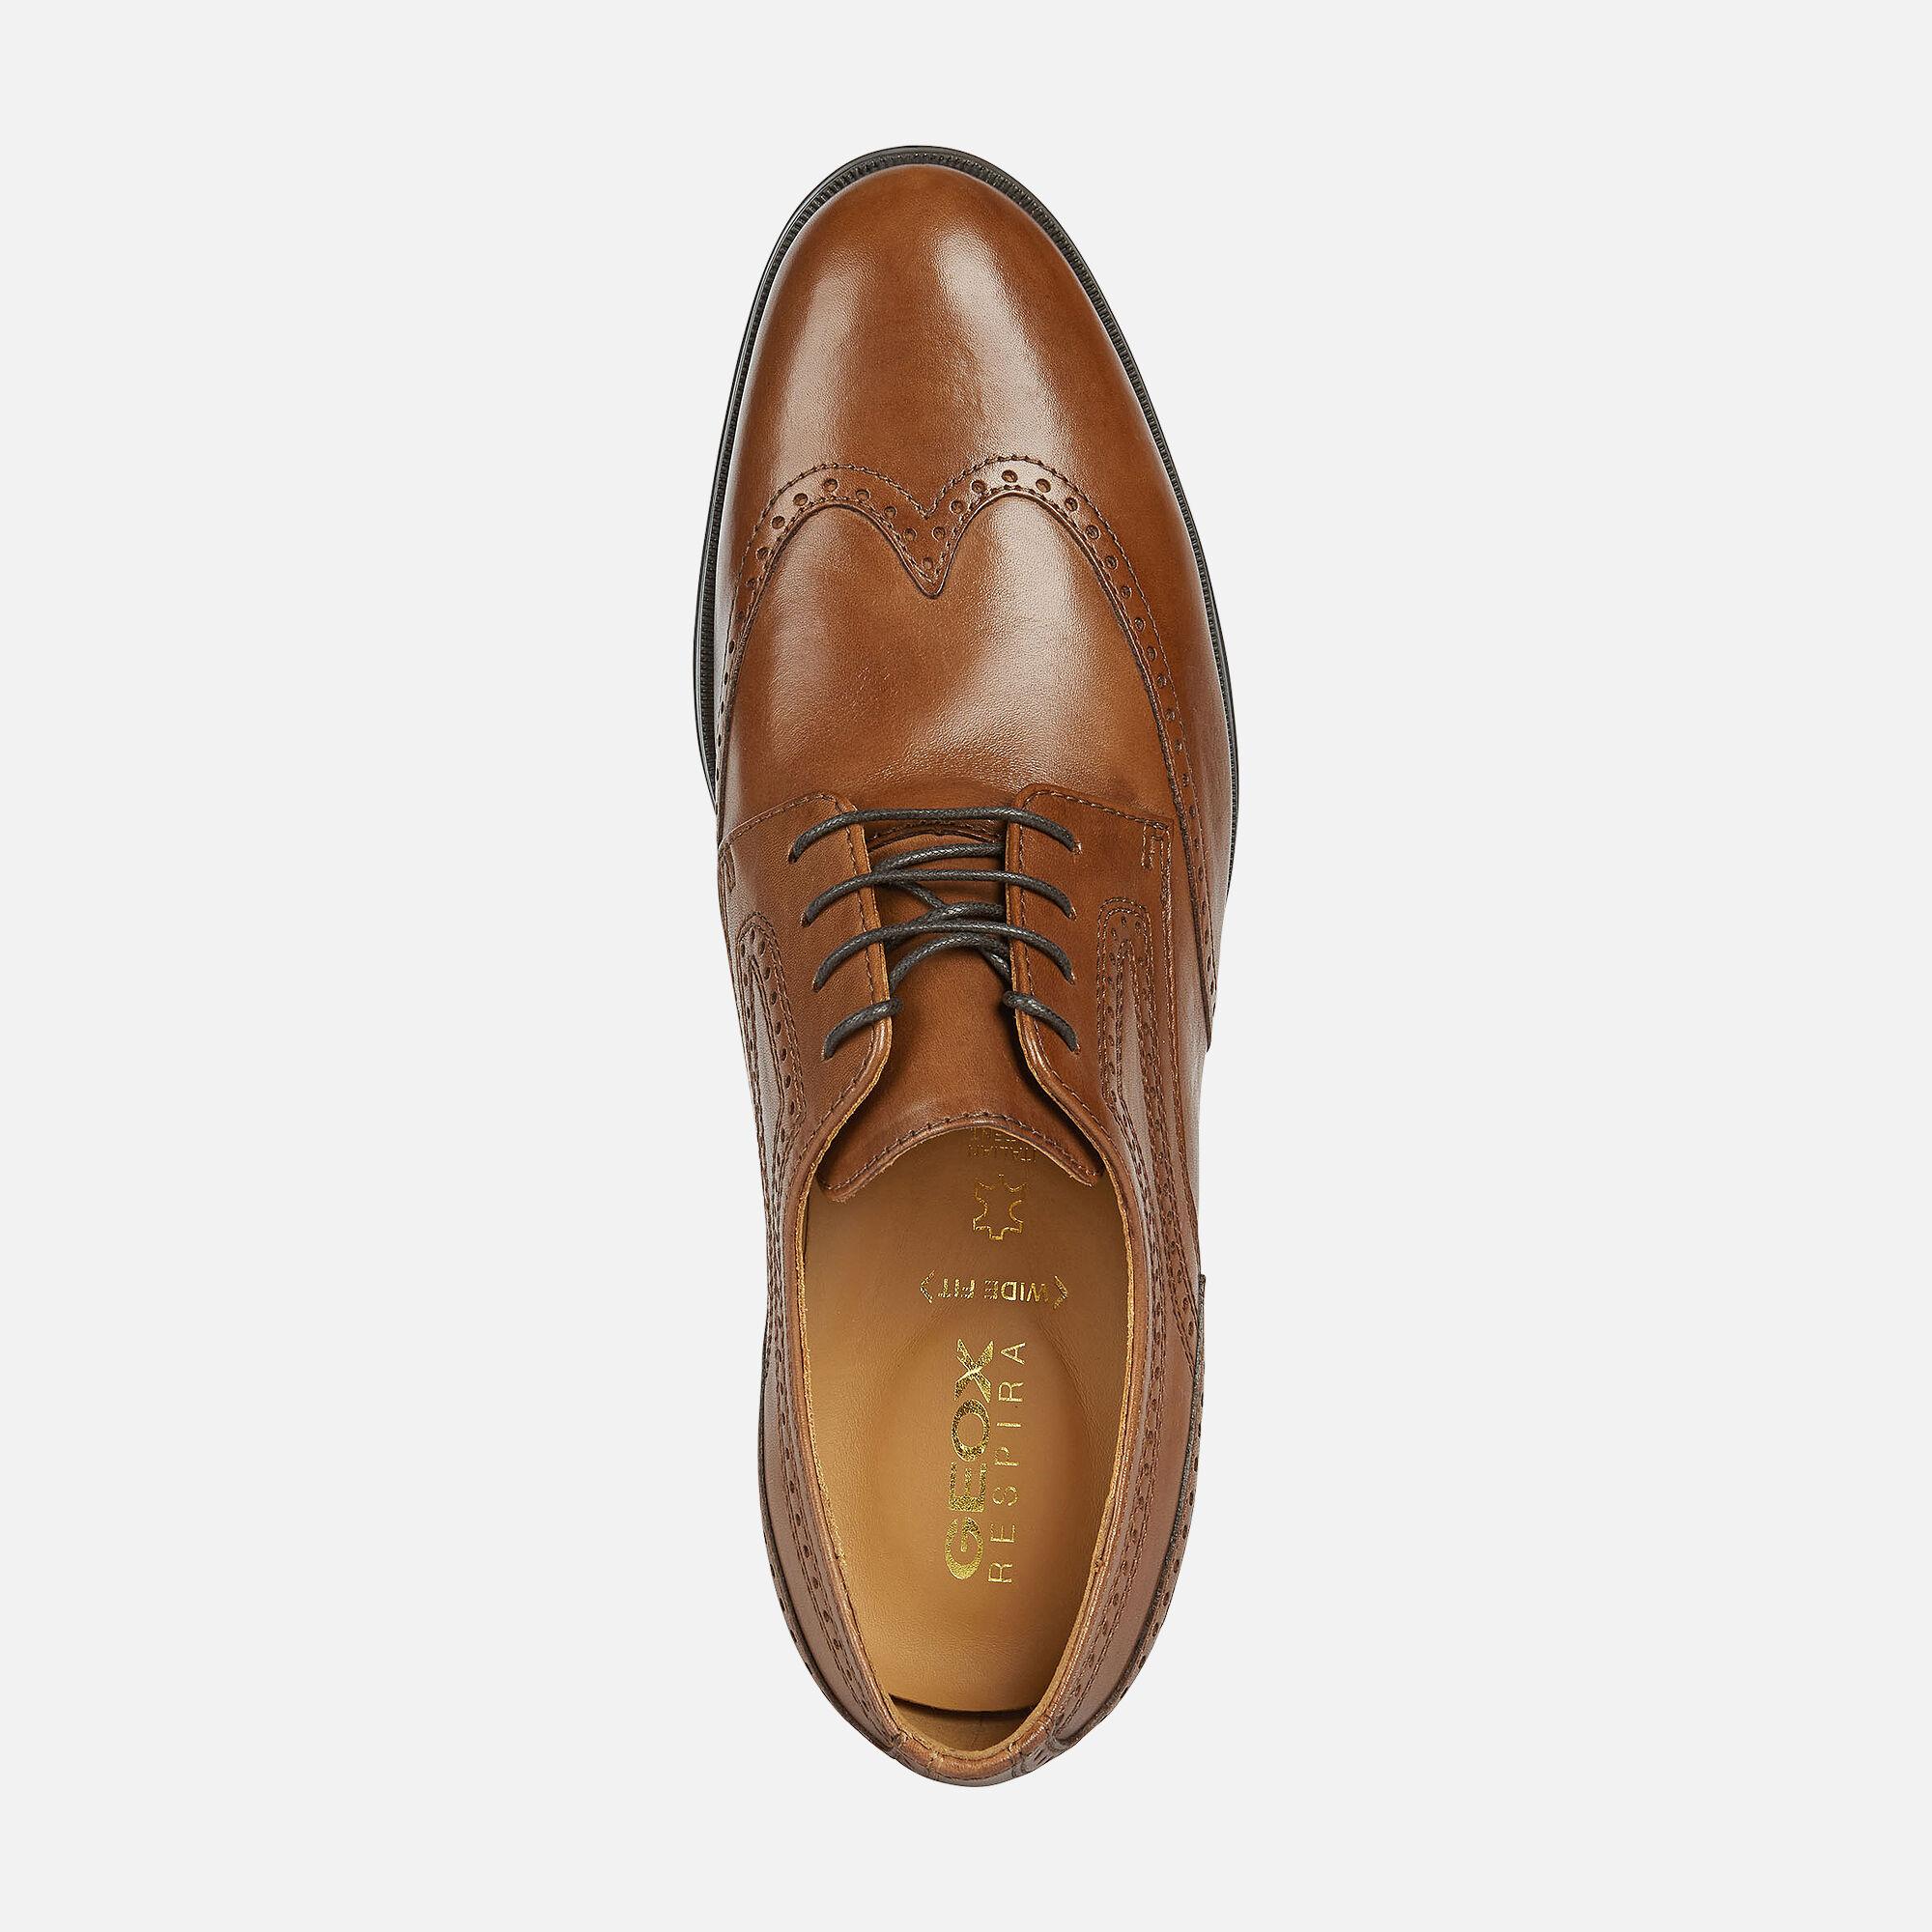 Geox HILSTONE WIDE Man: Cognac Shoes